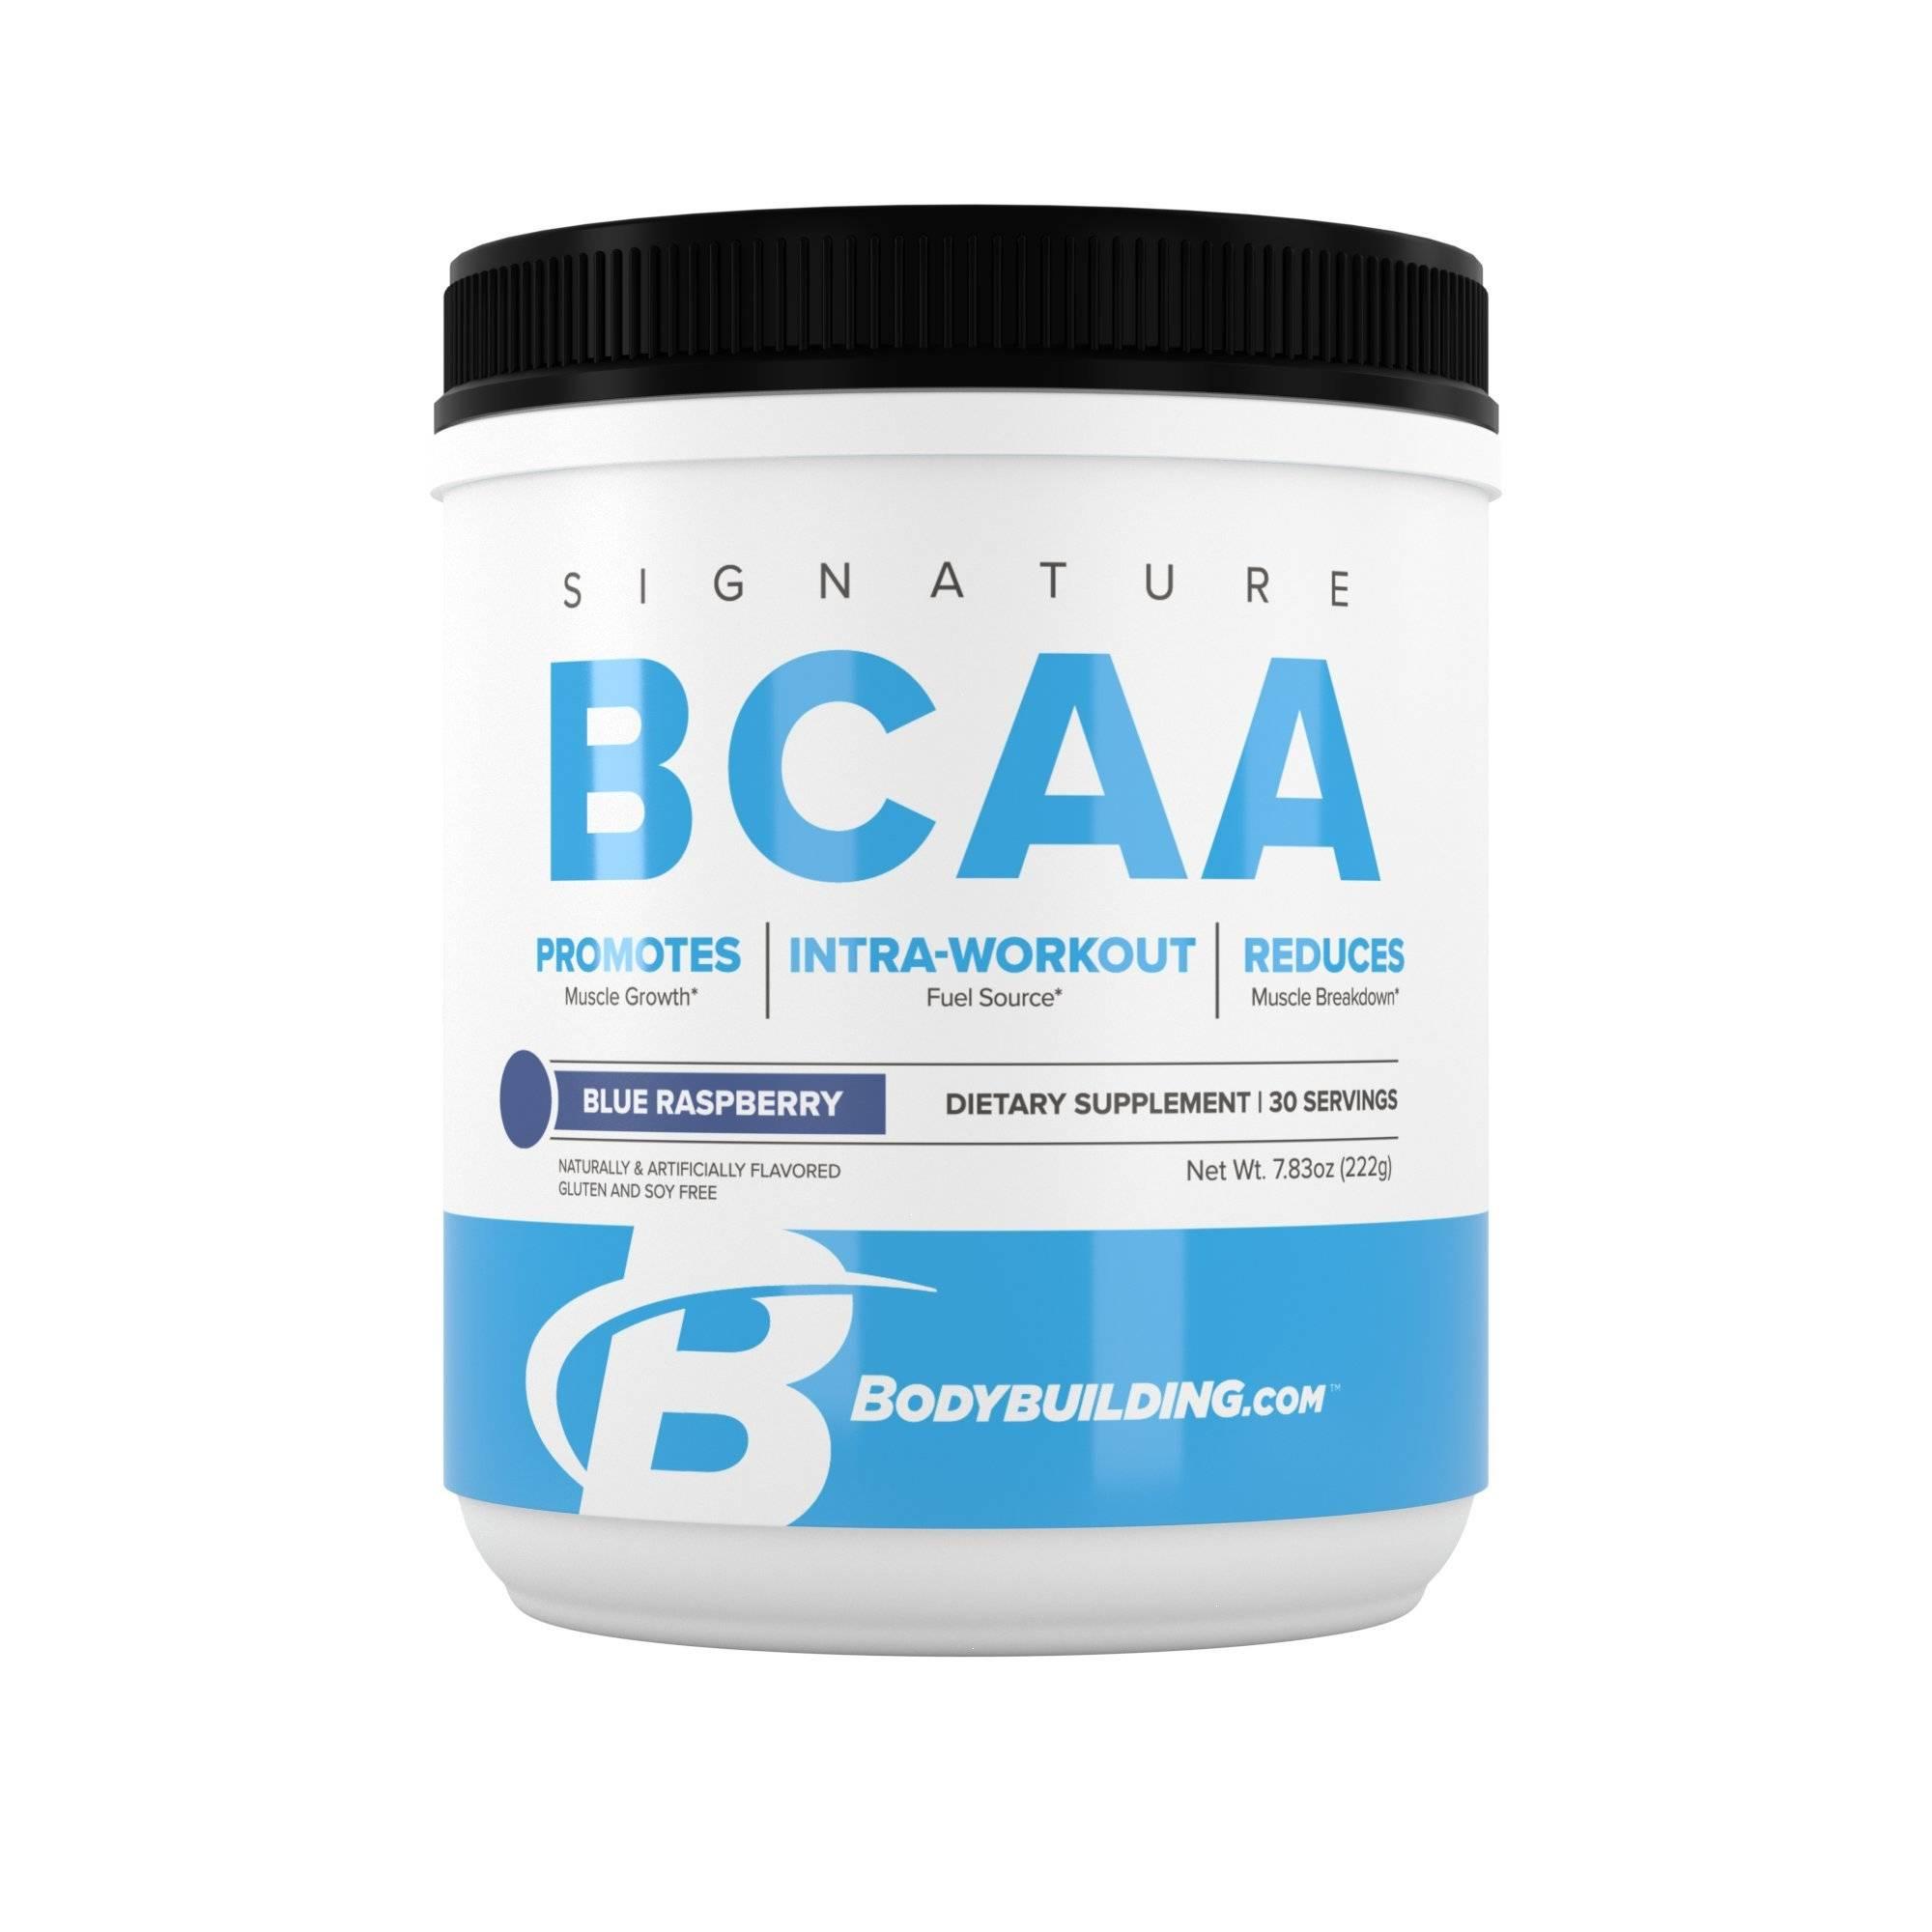 Bcaa для похудения женщинам - как и когда принимать в порошке или капсулах, побочные эффекты